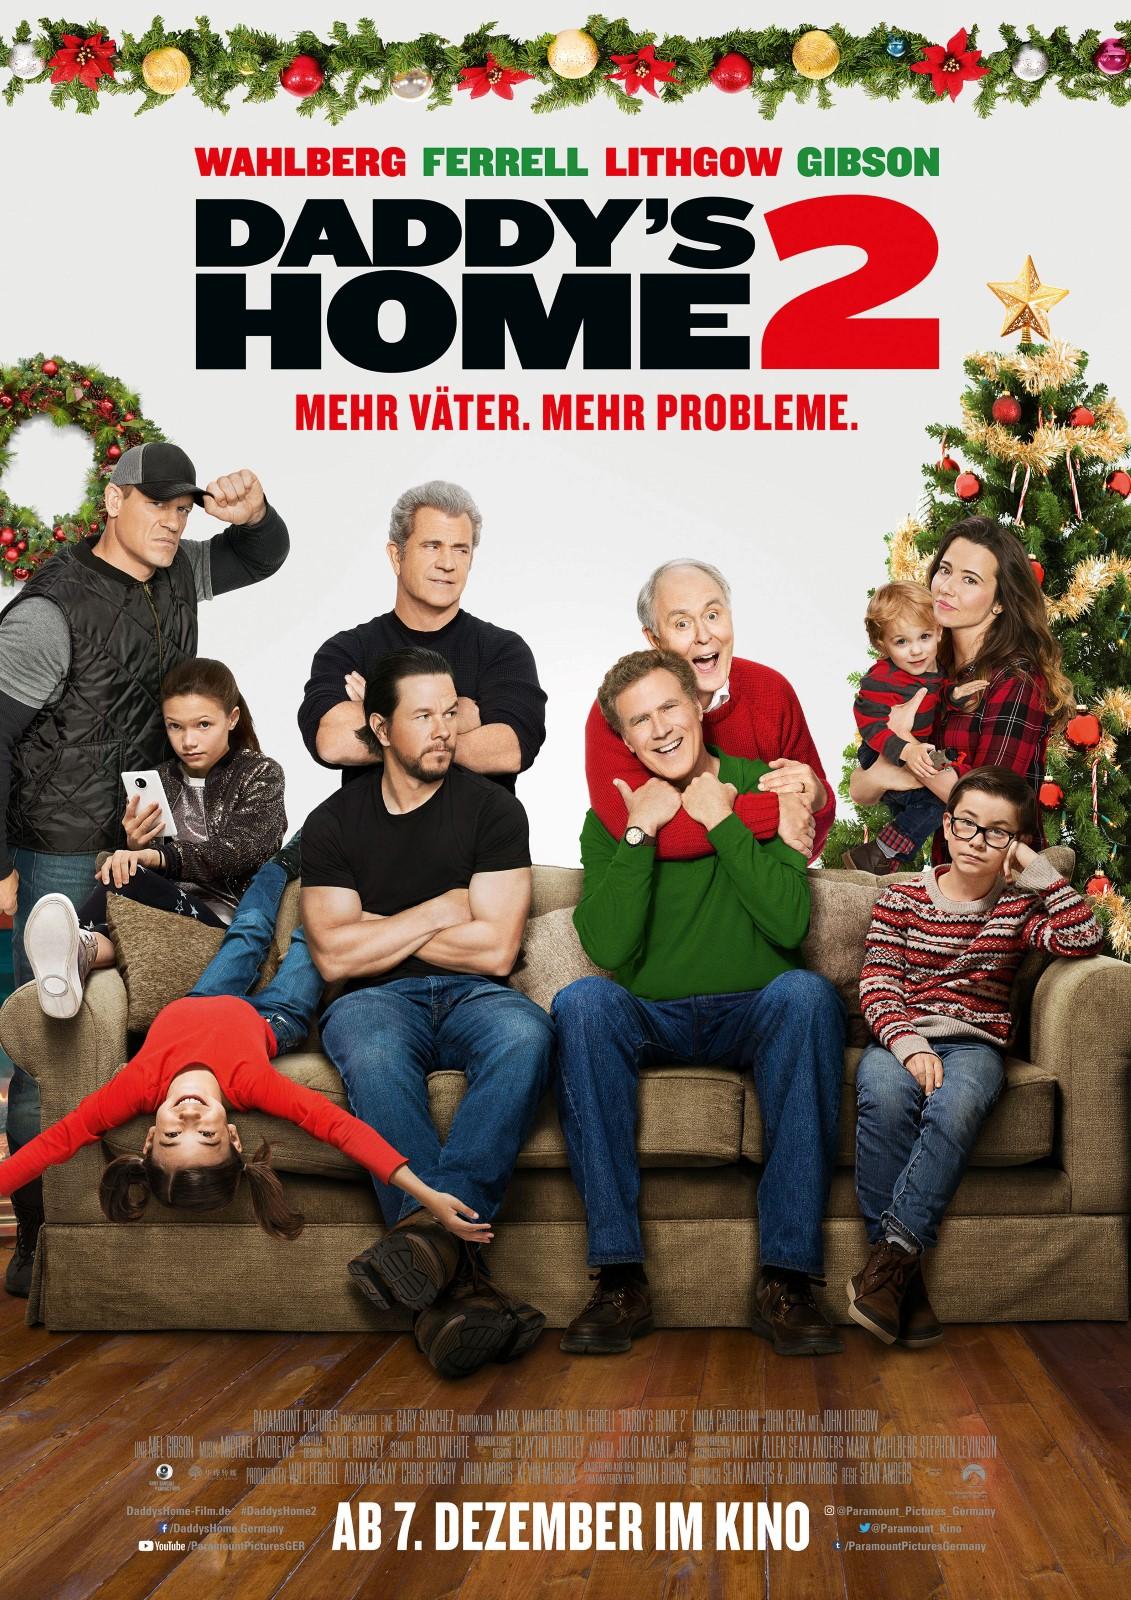 Daddy'S Home 2 – Mehr Väter, Mehr Probleme! Besetzung